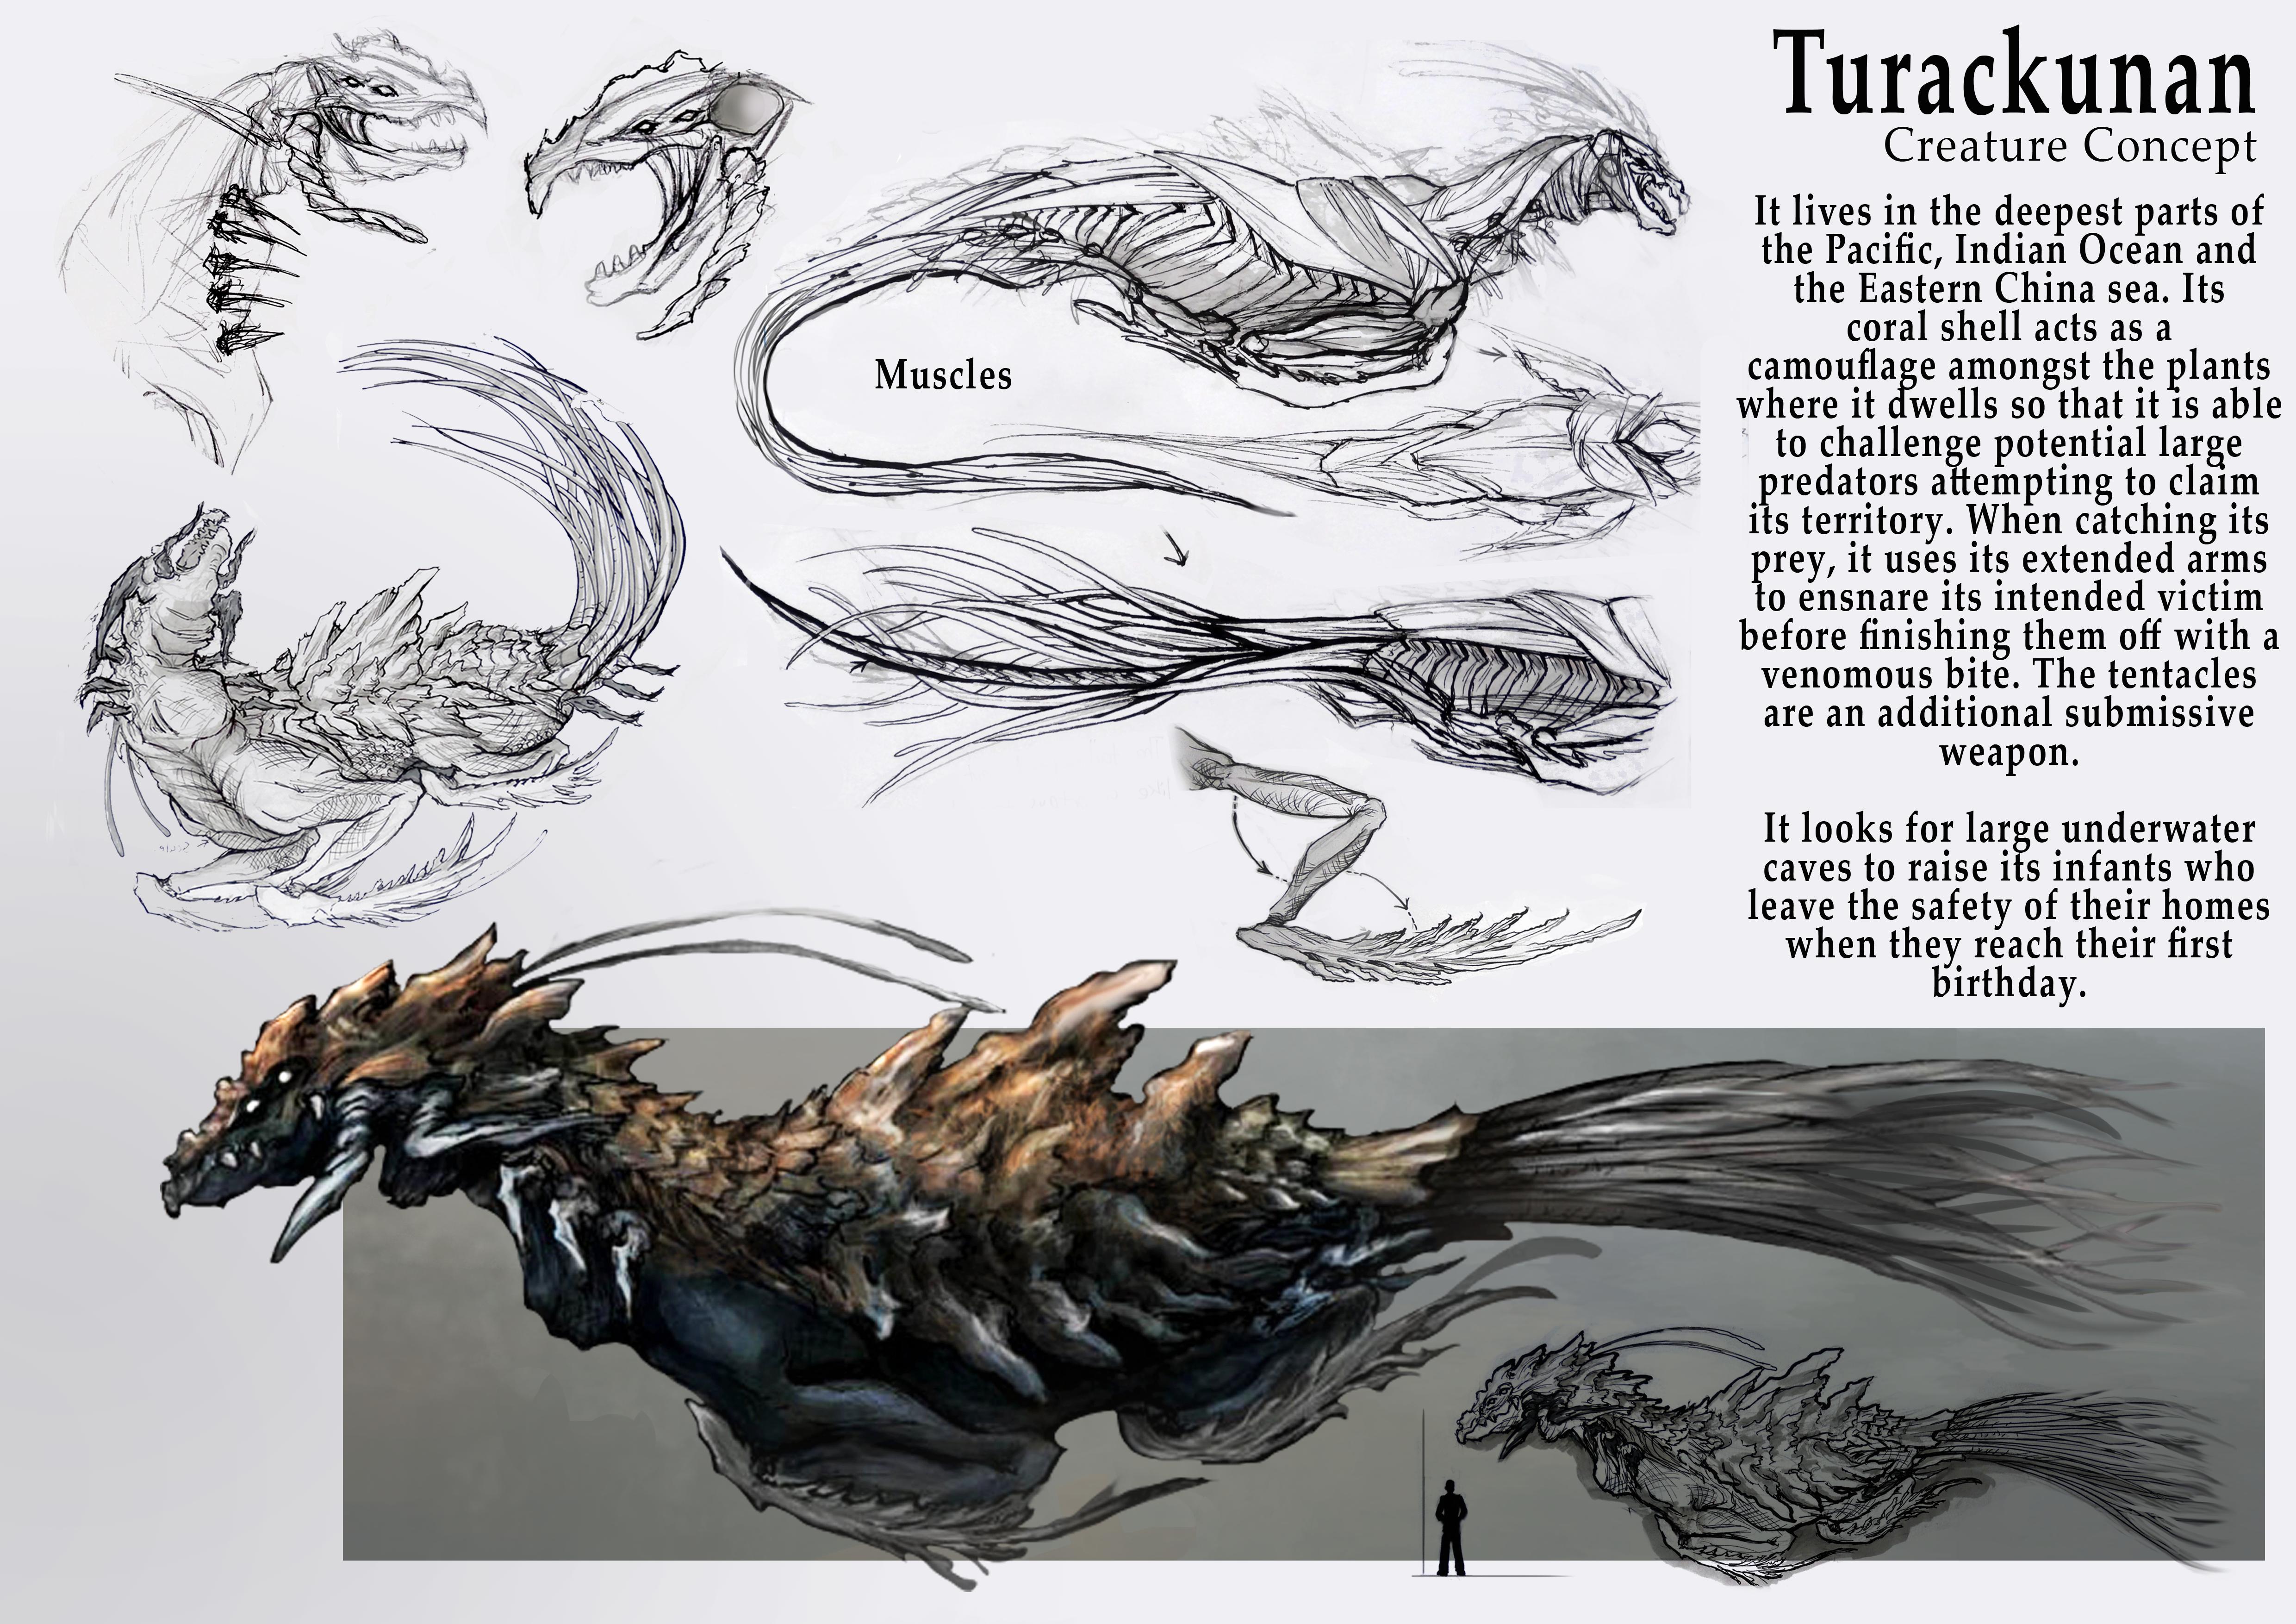 Turackunan